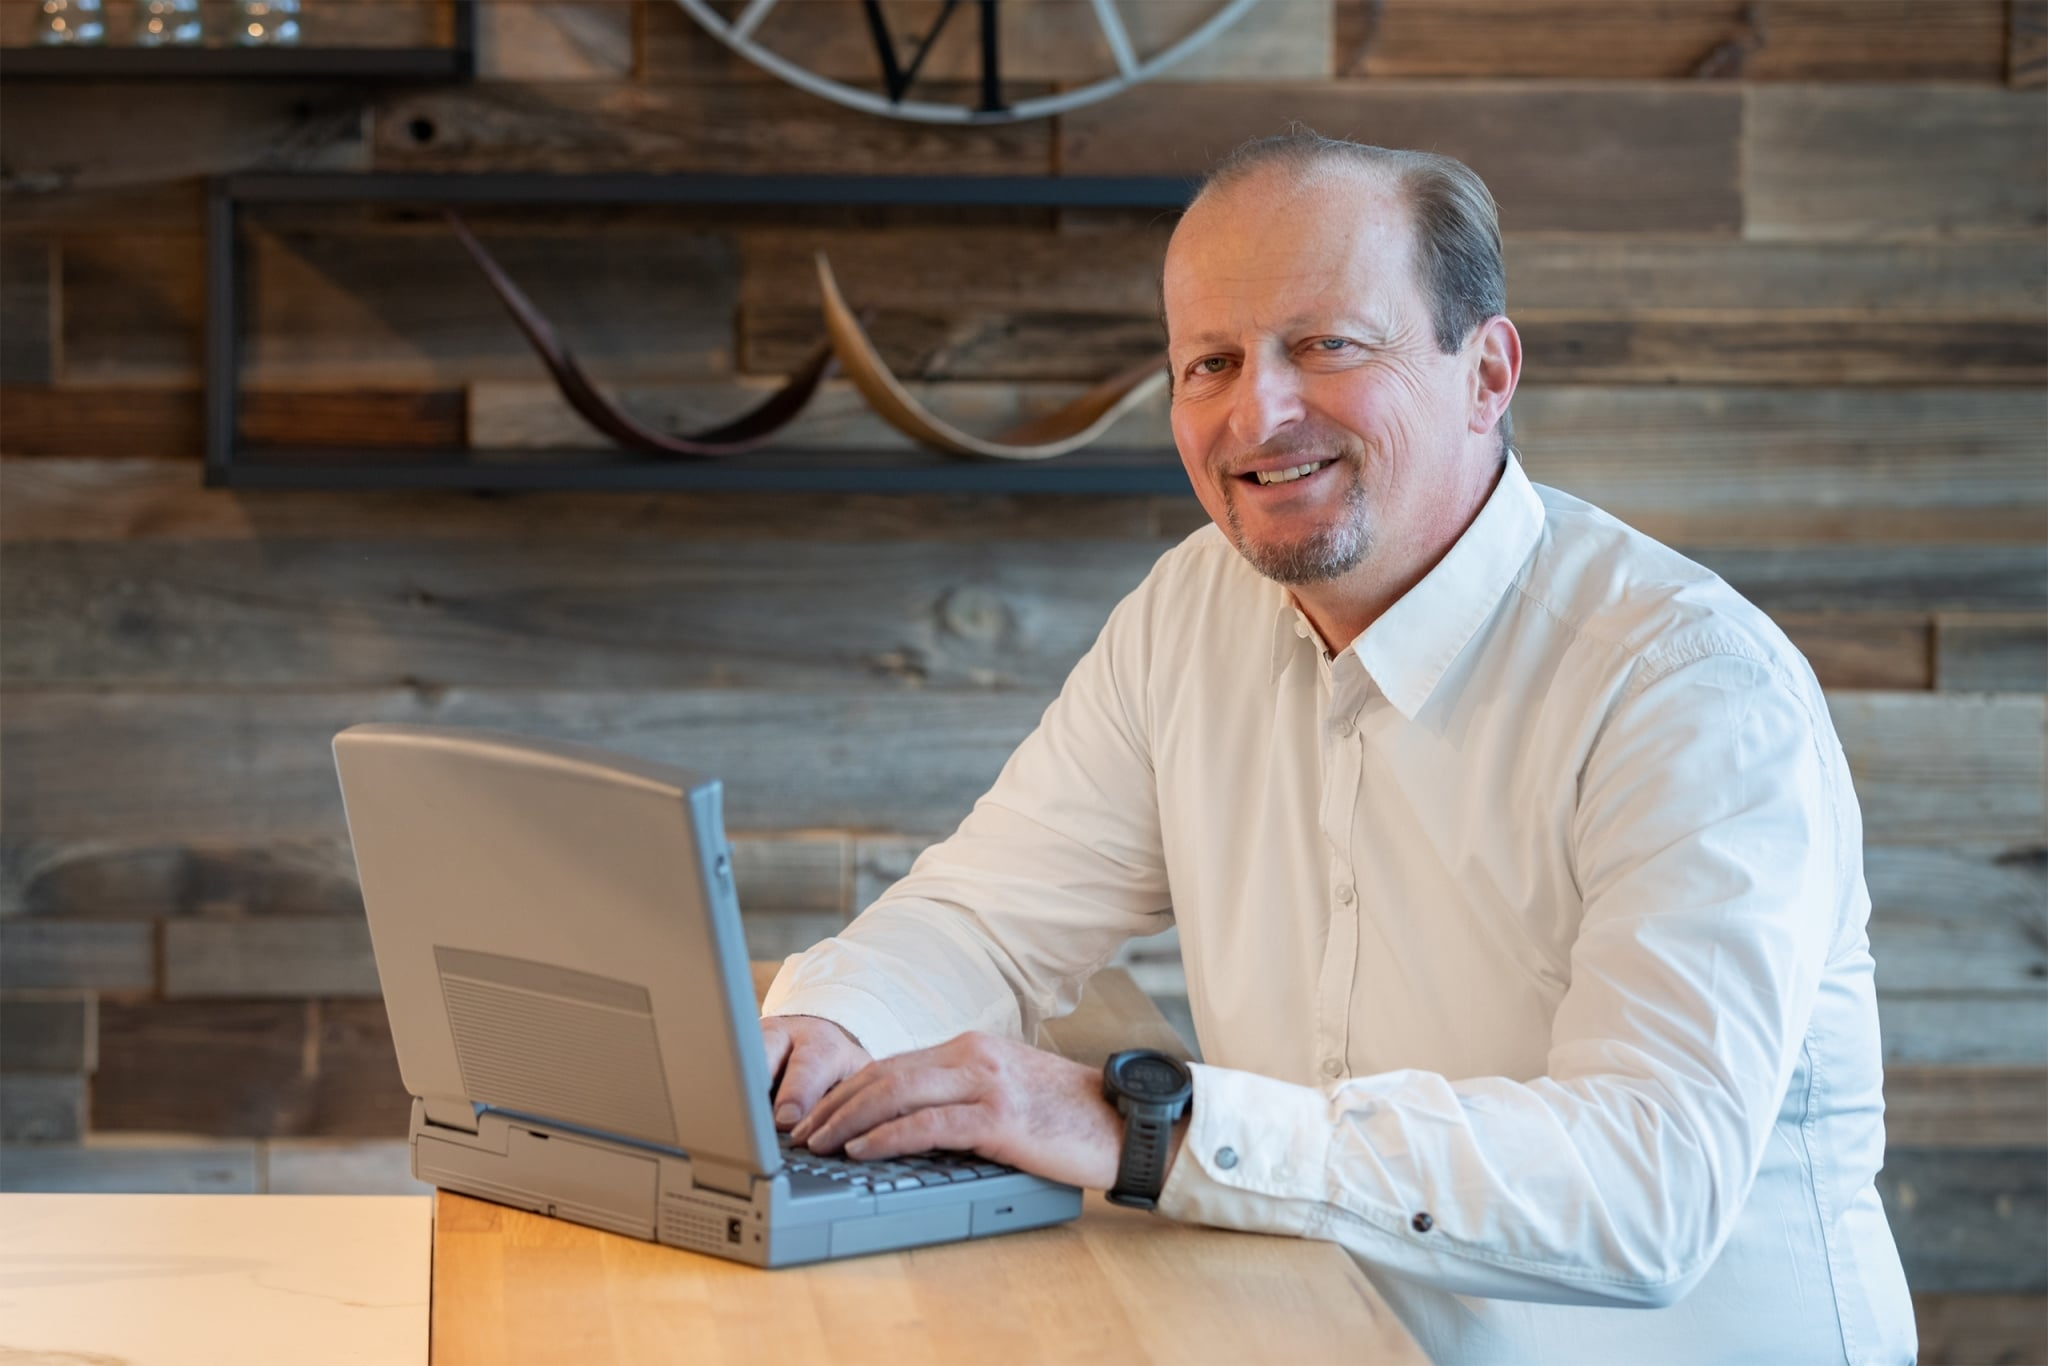 Mann mit weißem Hemd und Laptop